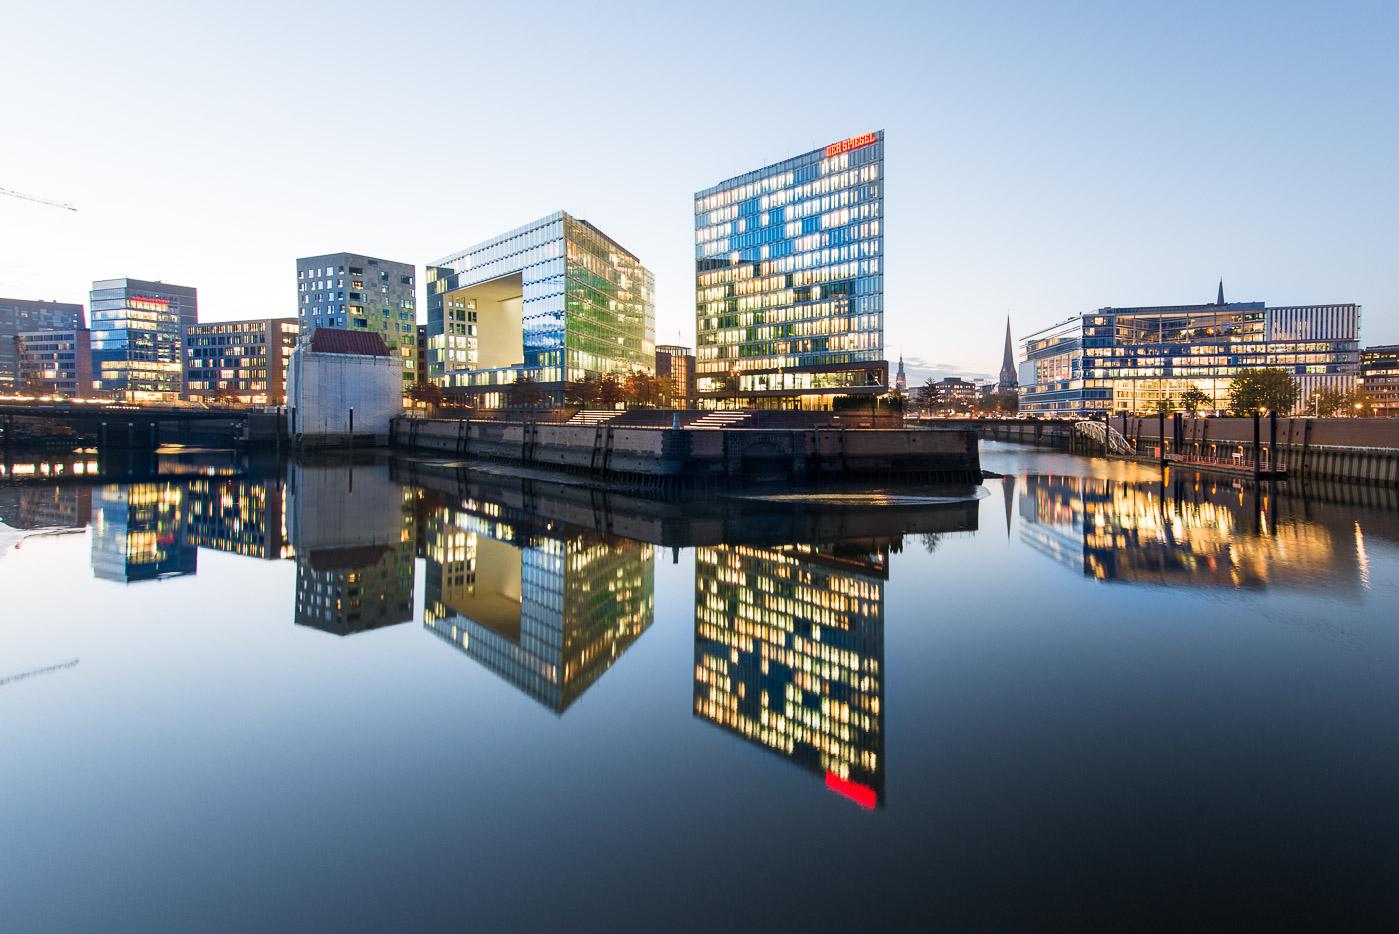 Foto id 151104 spiegel verlagshaus hamburg hafencity for Hamburg spiegel